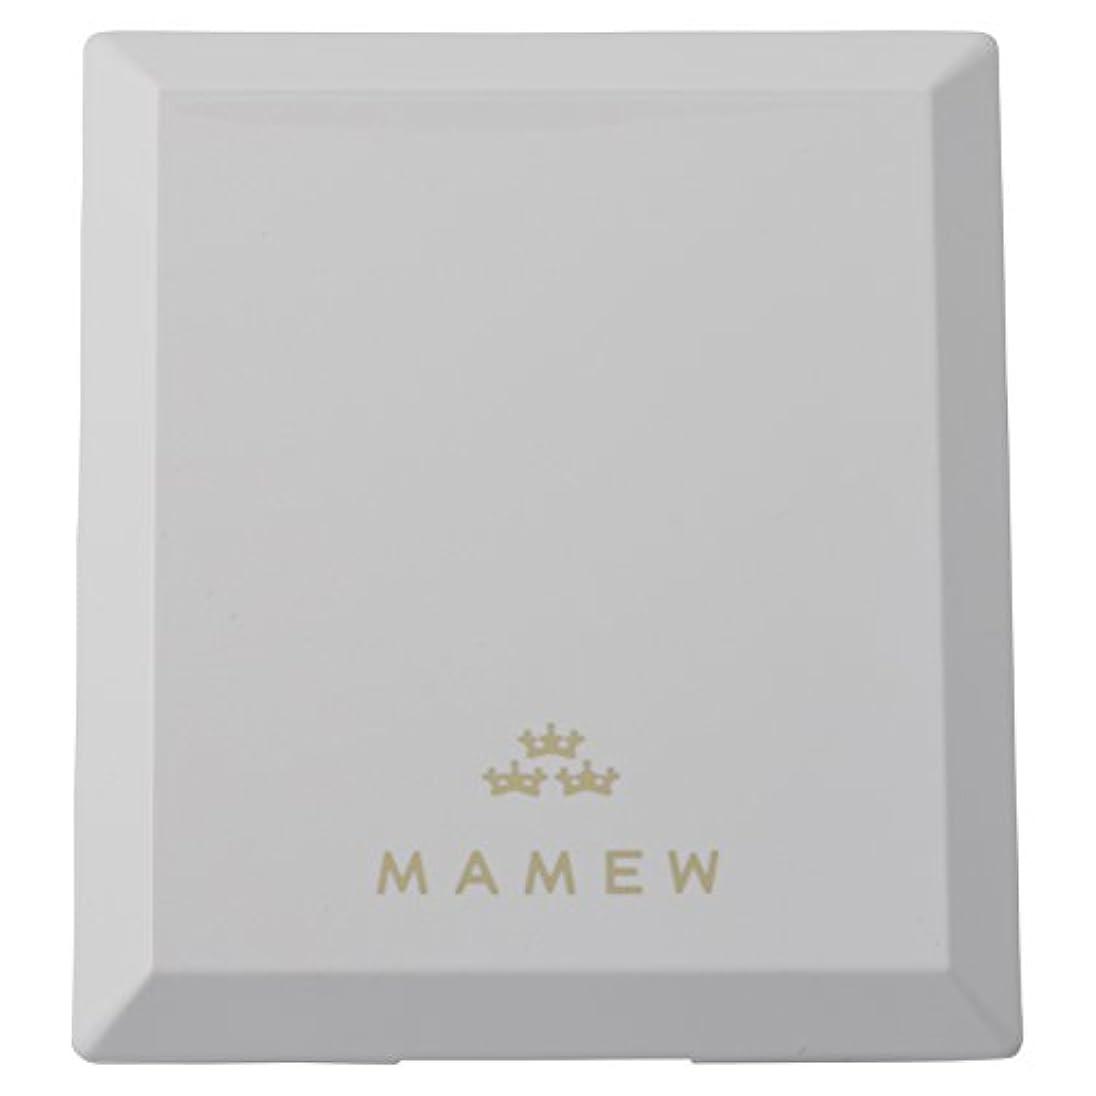 製品シャープ月曜MAMEW(マミュ) カラーコレクションケース-メイクパレッド 鏡付き